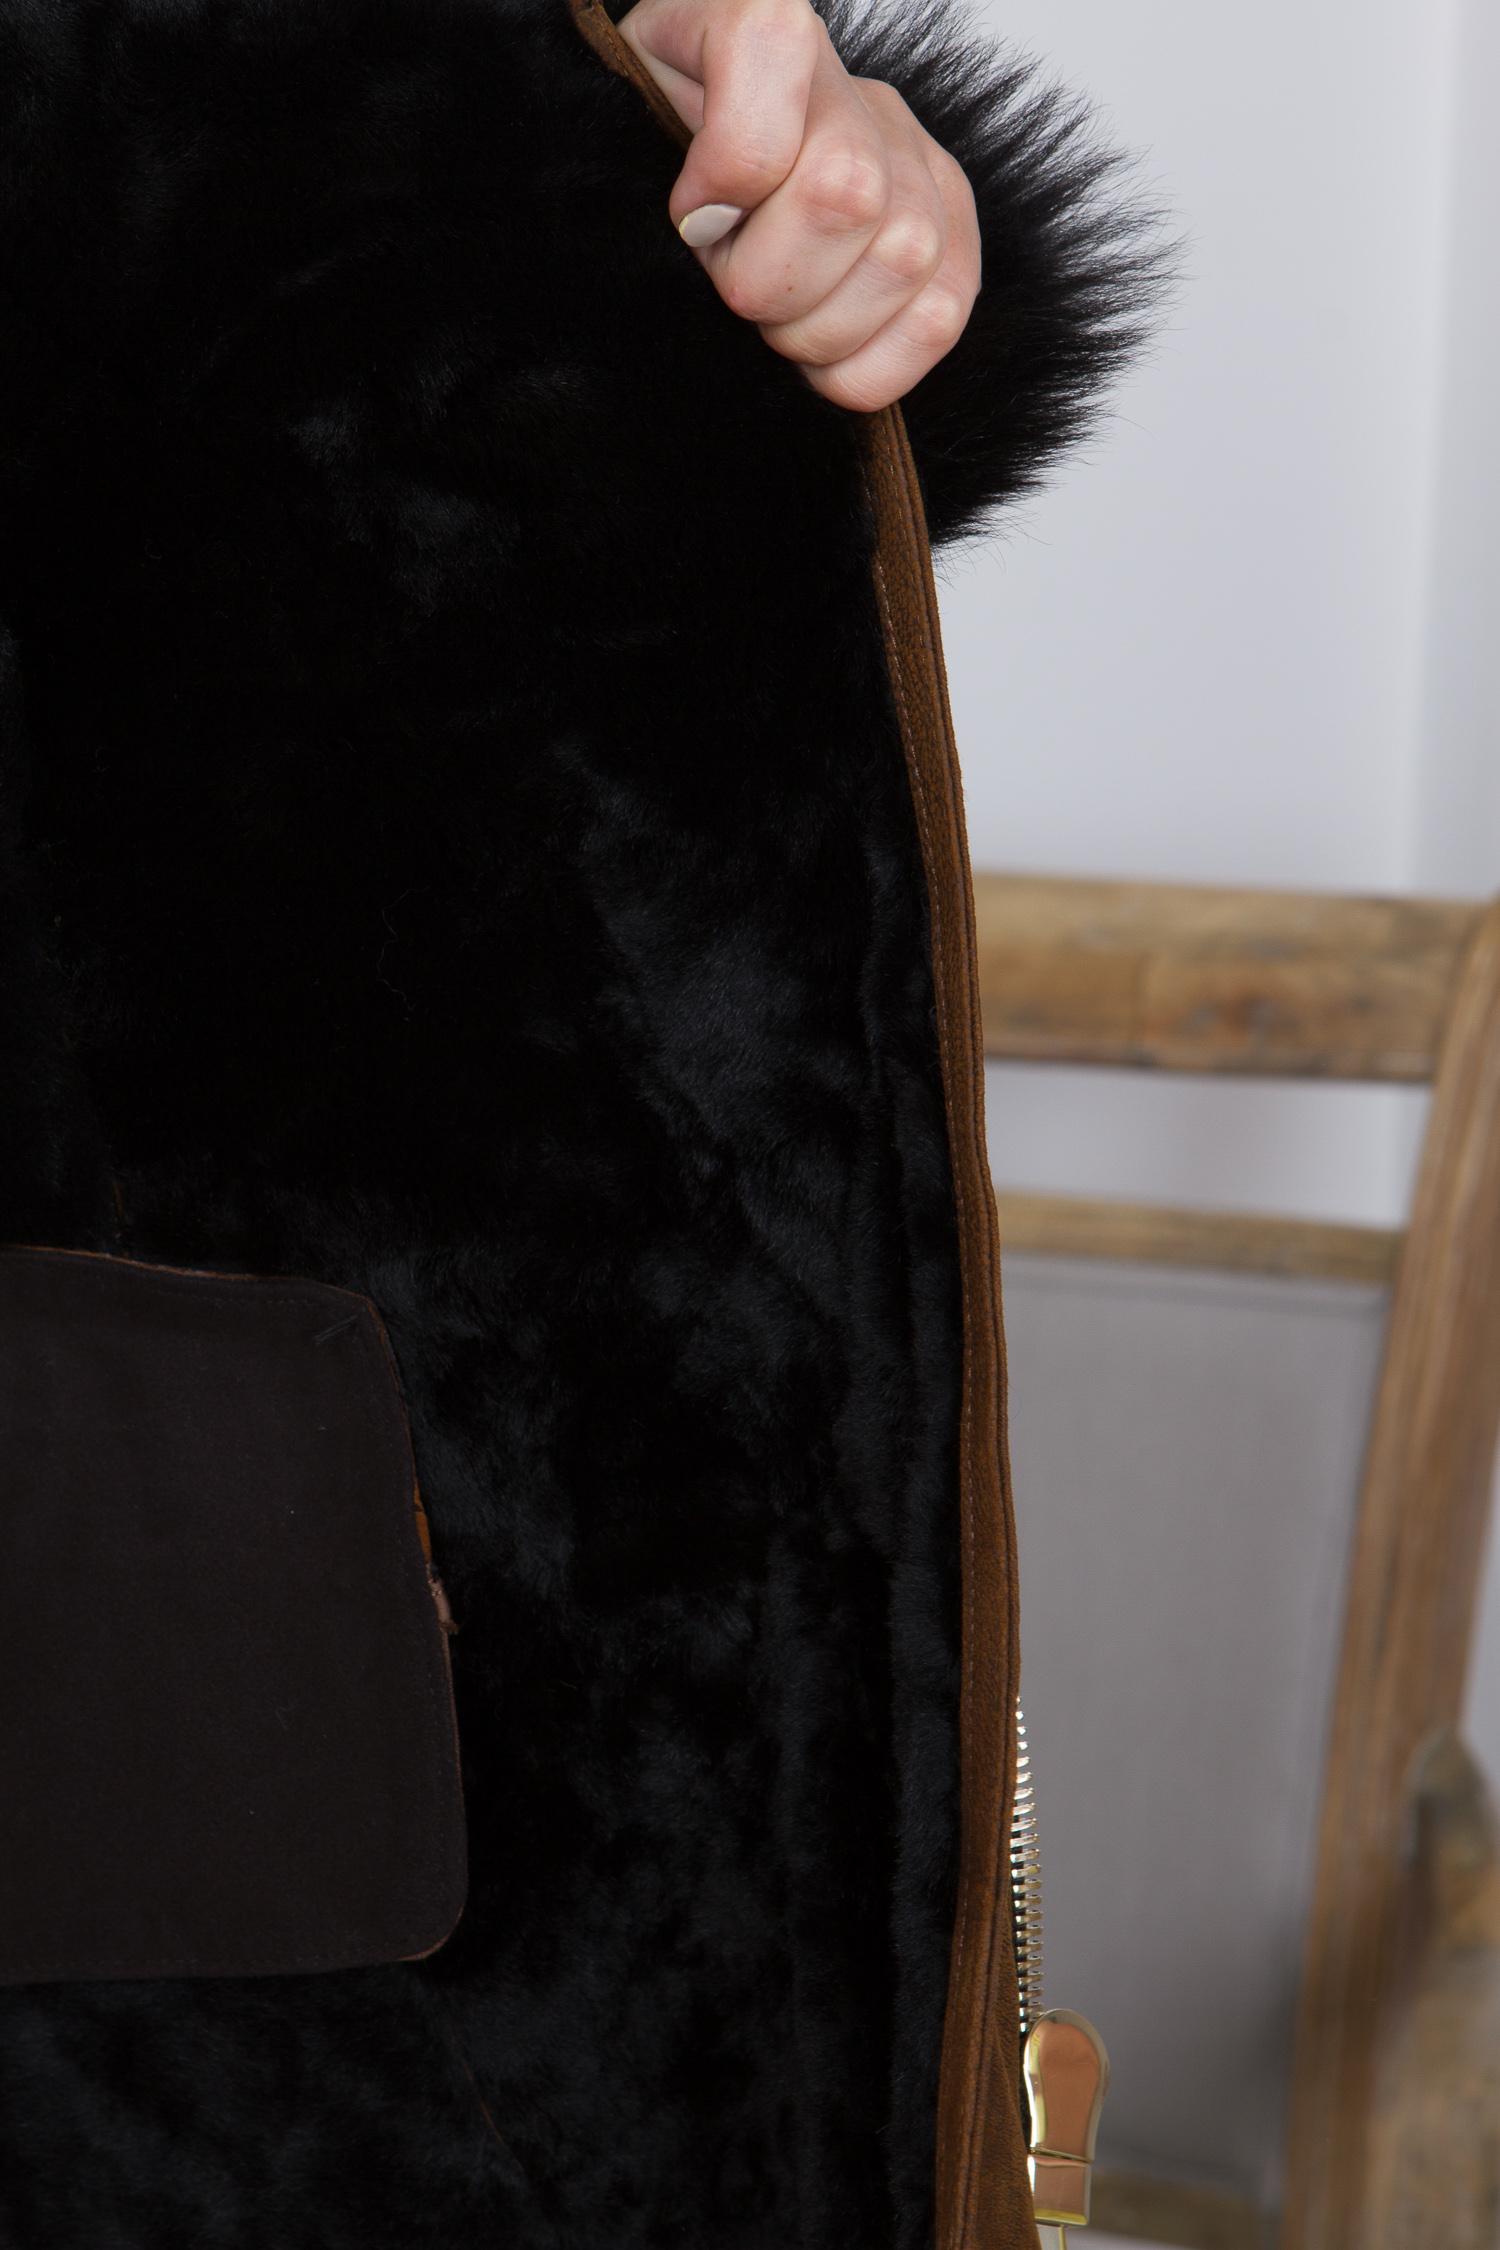 Фото 2 - Дубленку женская из натуральной овчины с воротником, отделка тоскана от МОСМЕХА коричневого цвета